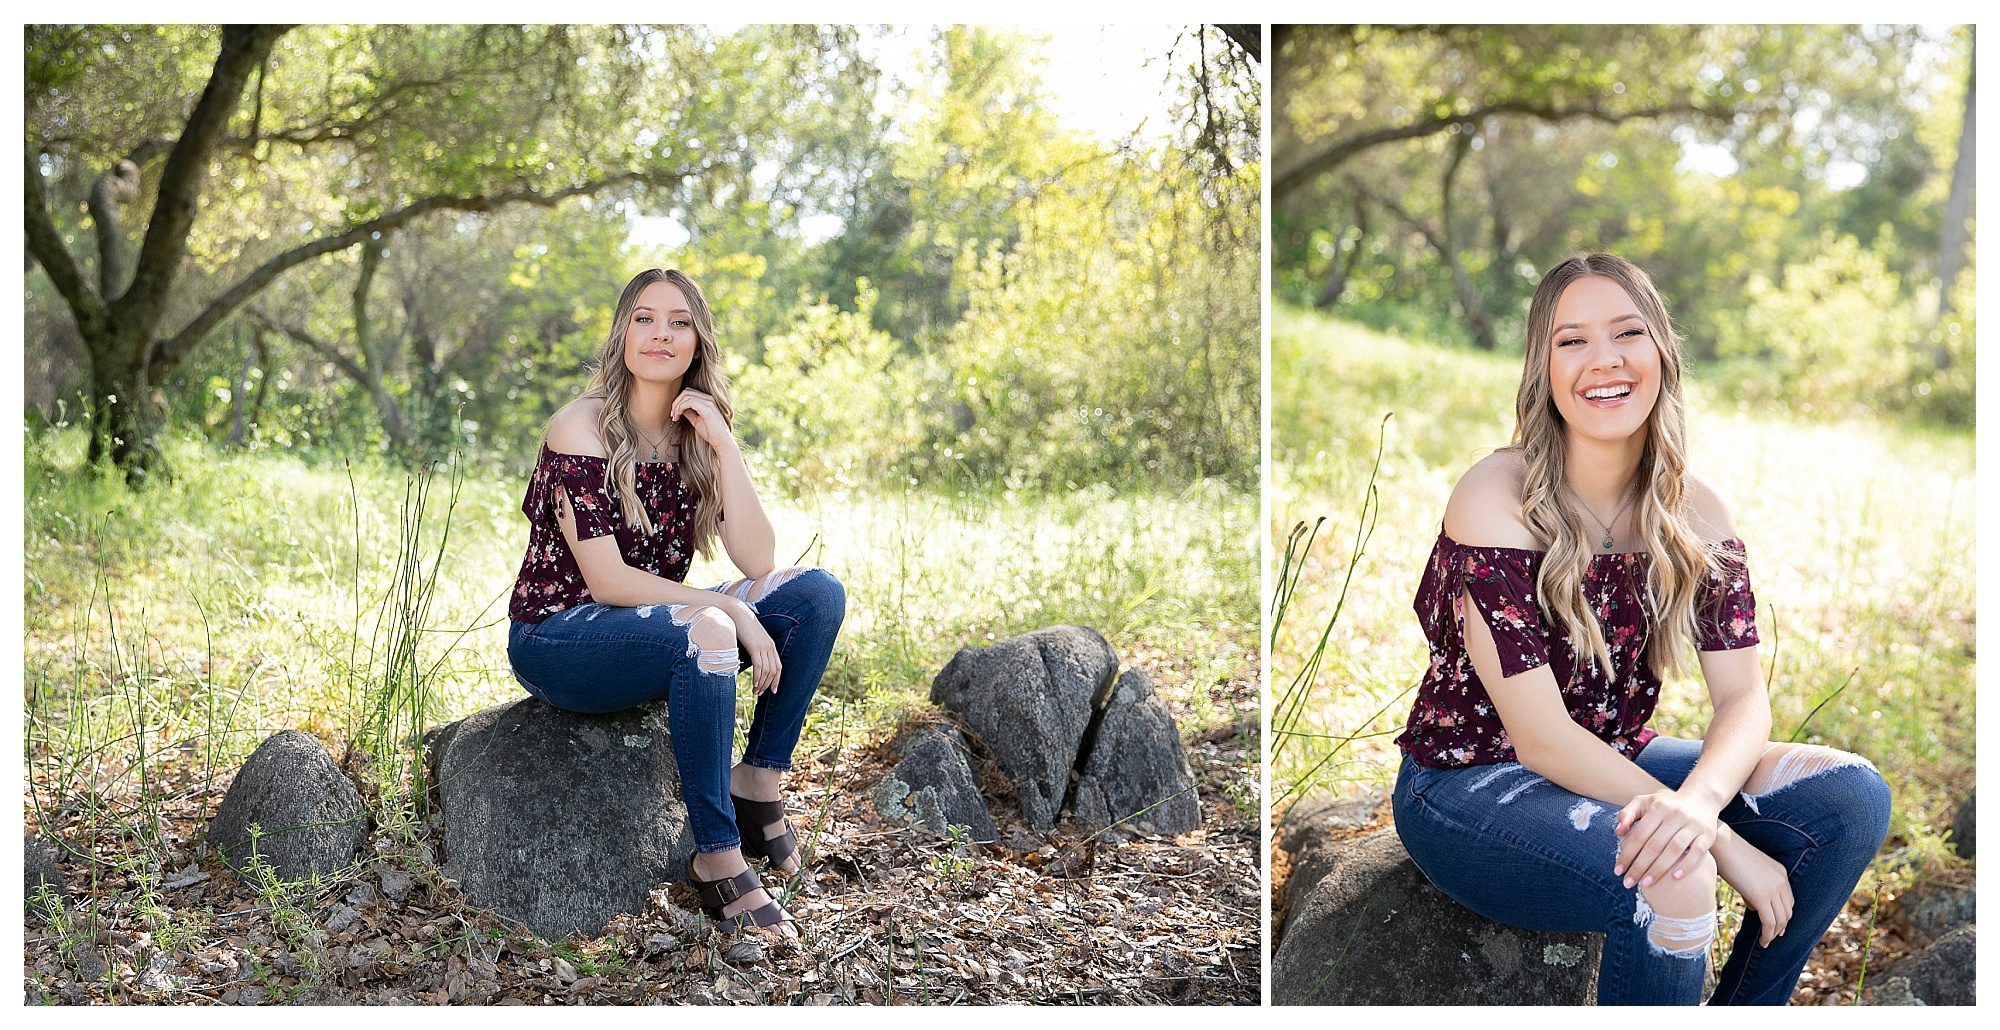 Senior high school girl spring portraits in Granite Bay California